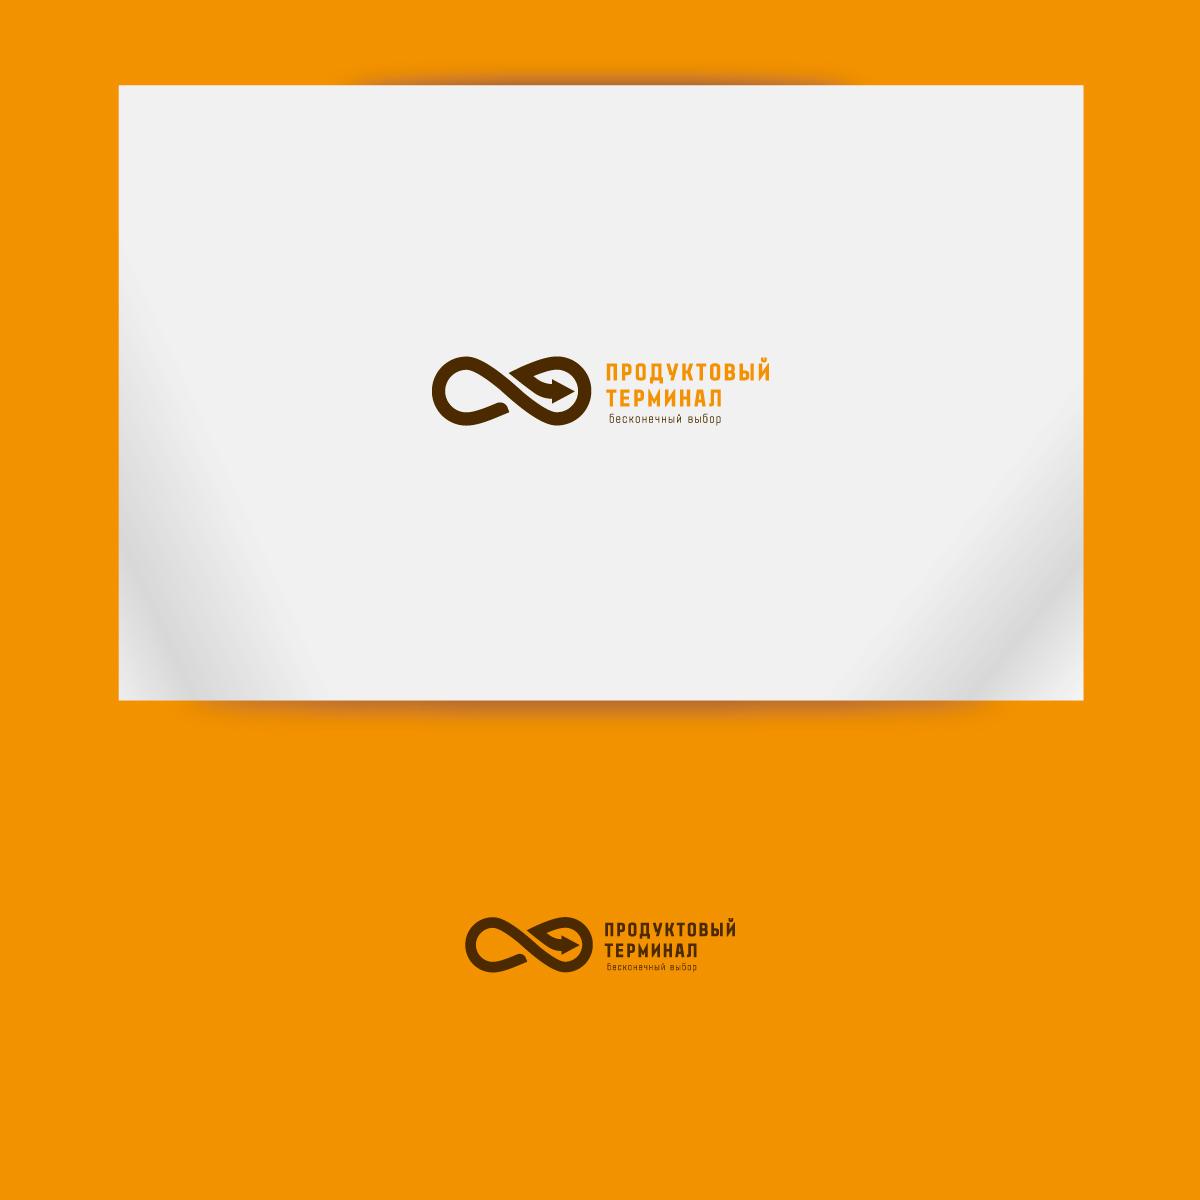 Логотип для сети продуктовых магазинов фото f_25456fe2d0e6a3e3.jpg